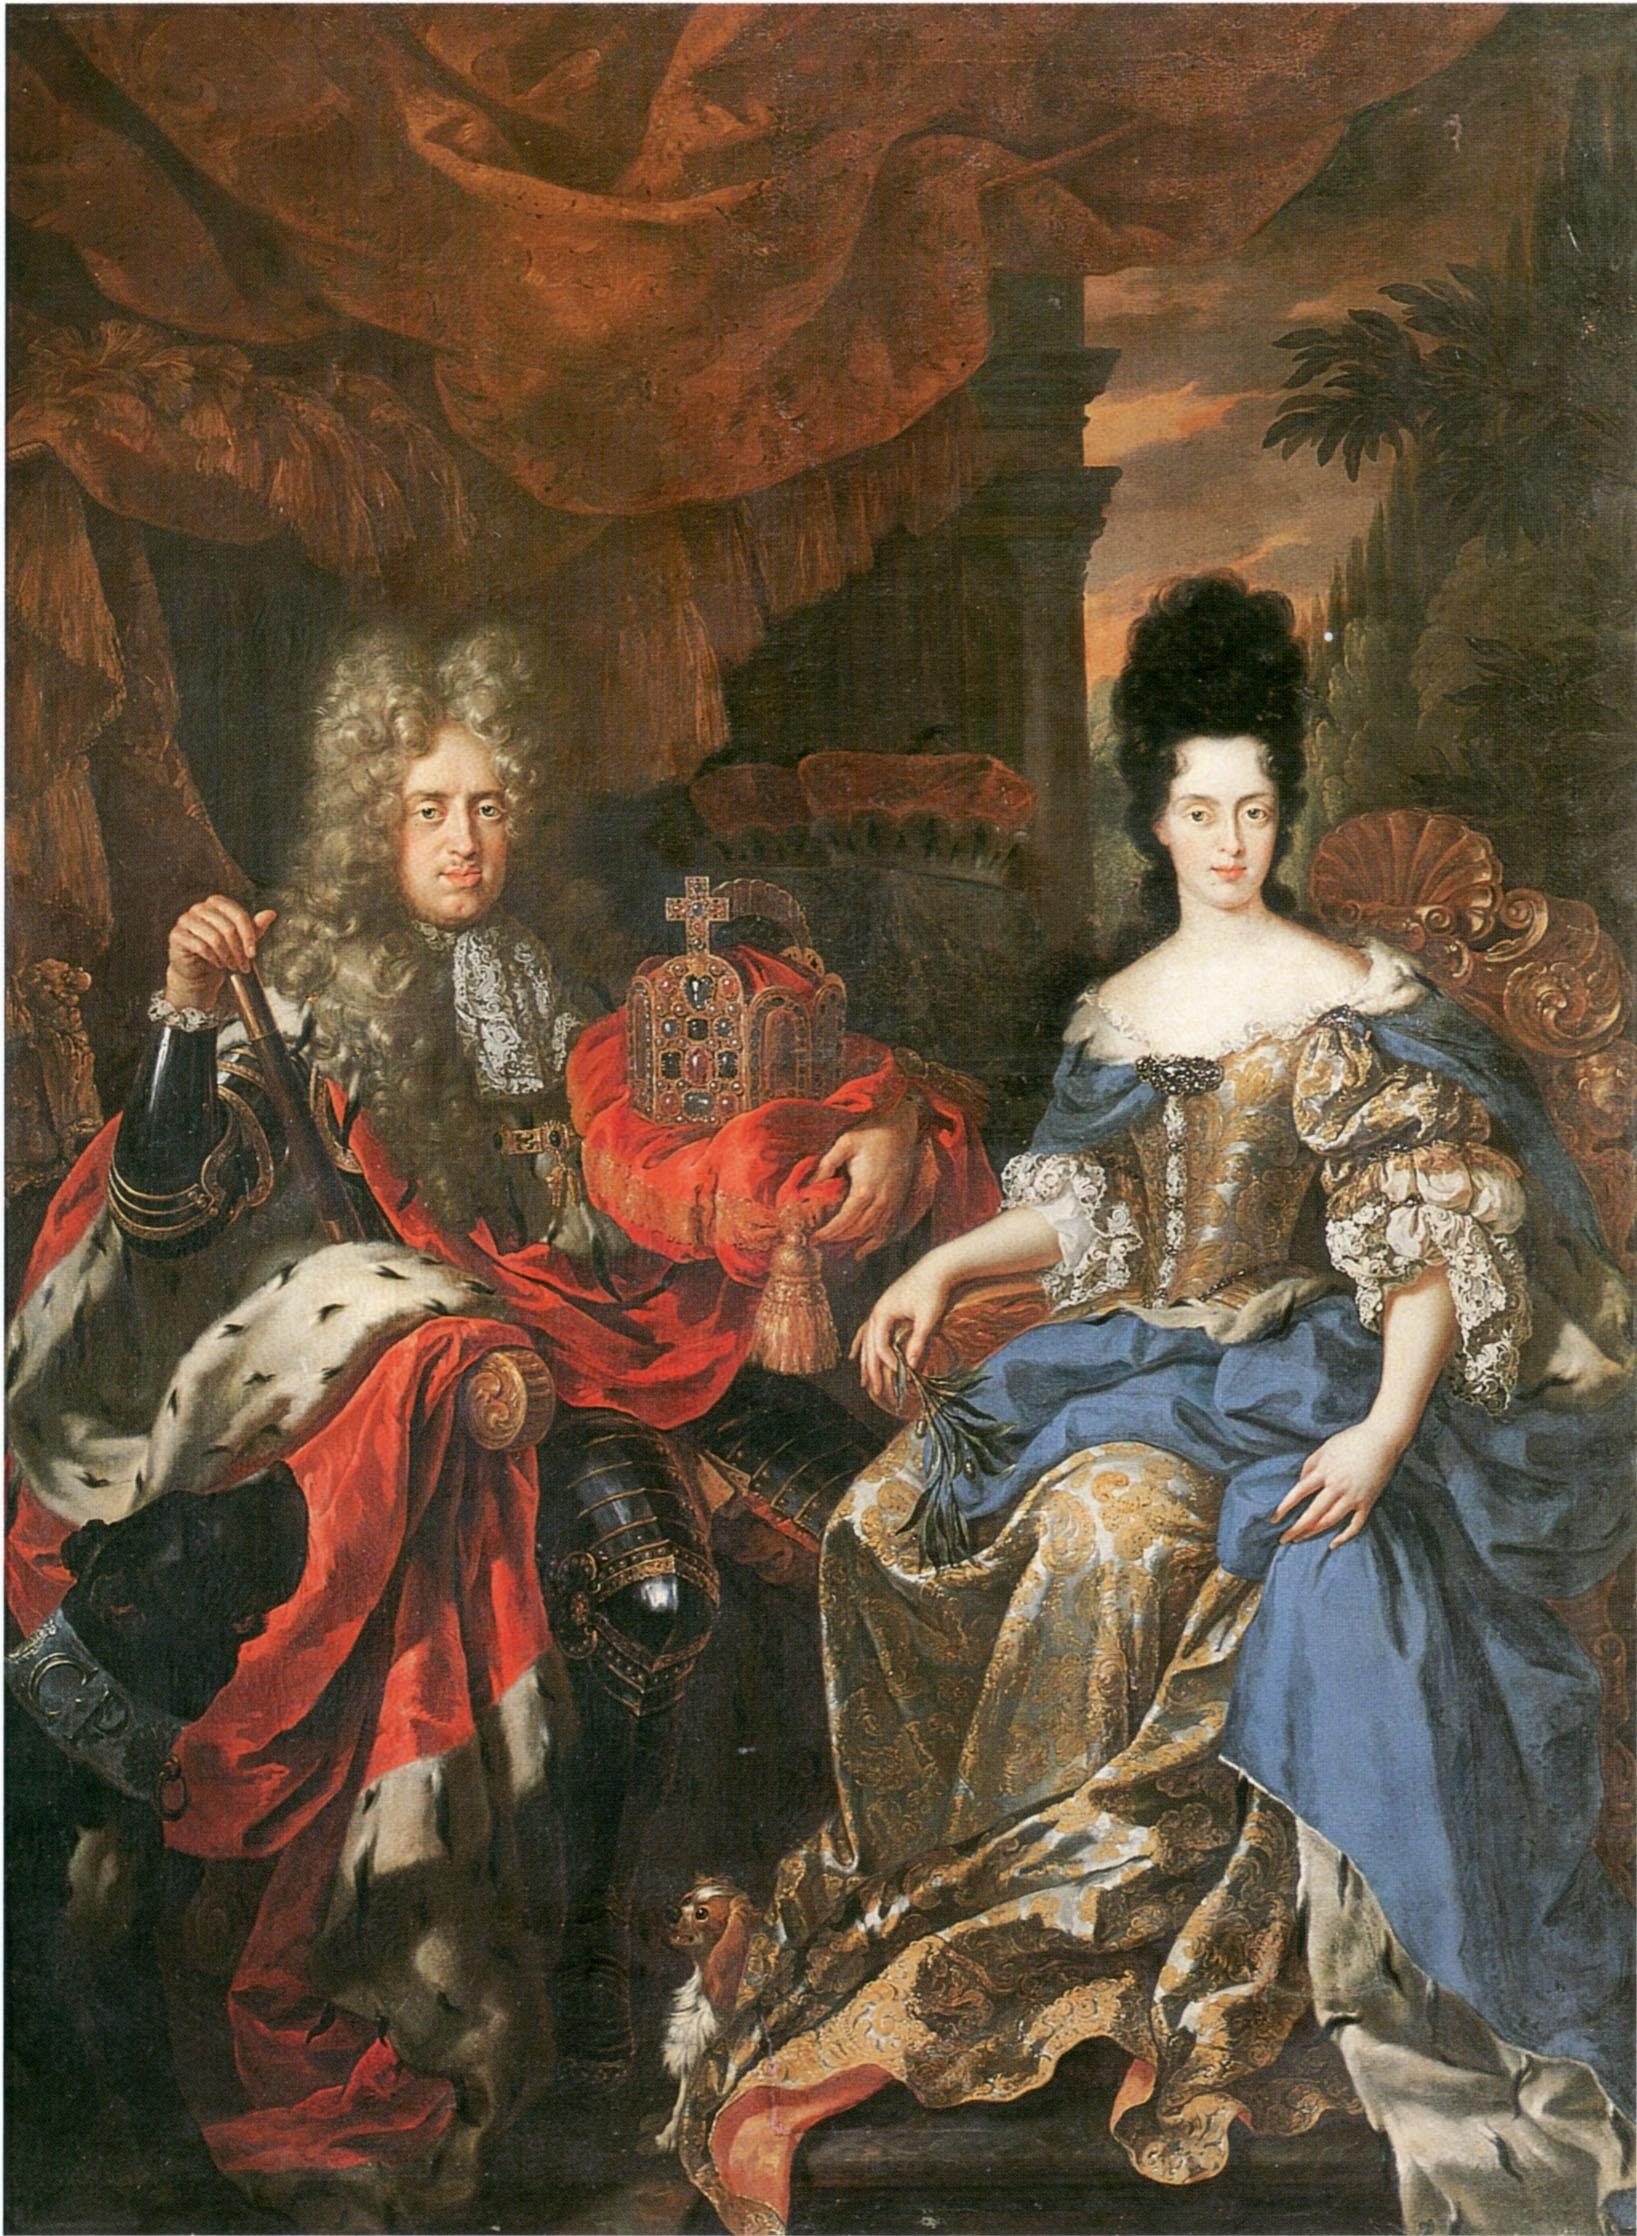 Jan_Frans_van_Douven,_Doppelbildnis_Johann_Wilhelm_von_der_Pfalz_und_Anna_Maria_Luisa_de'_Medici_(1708)